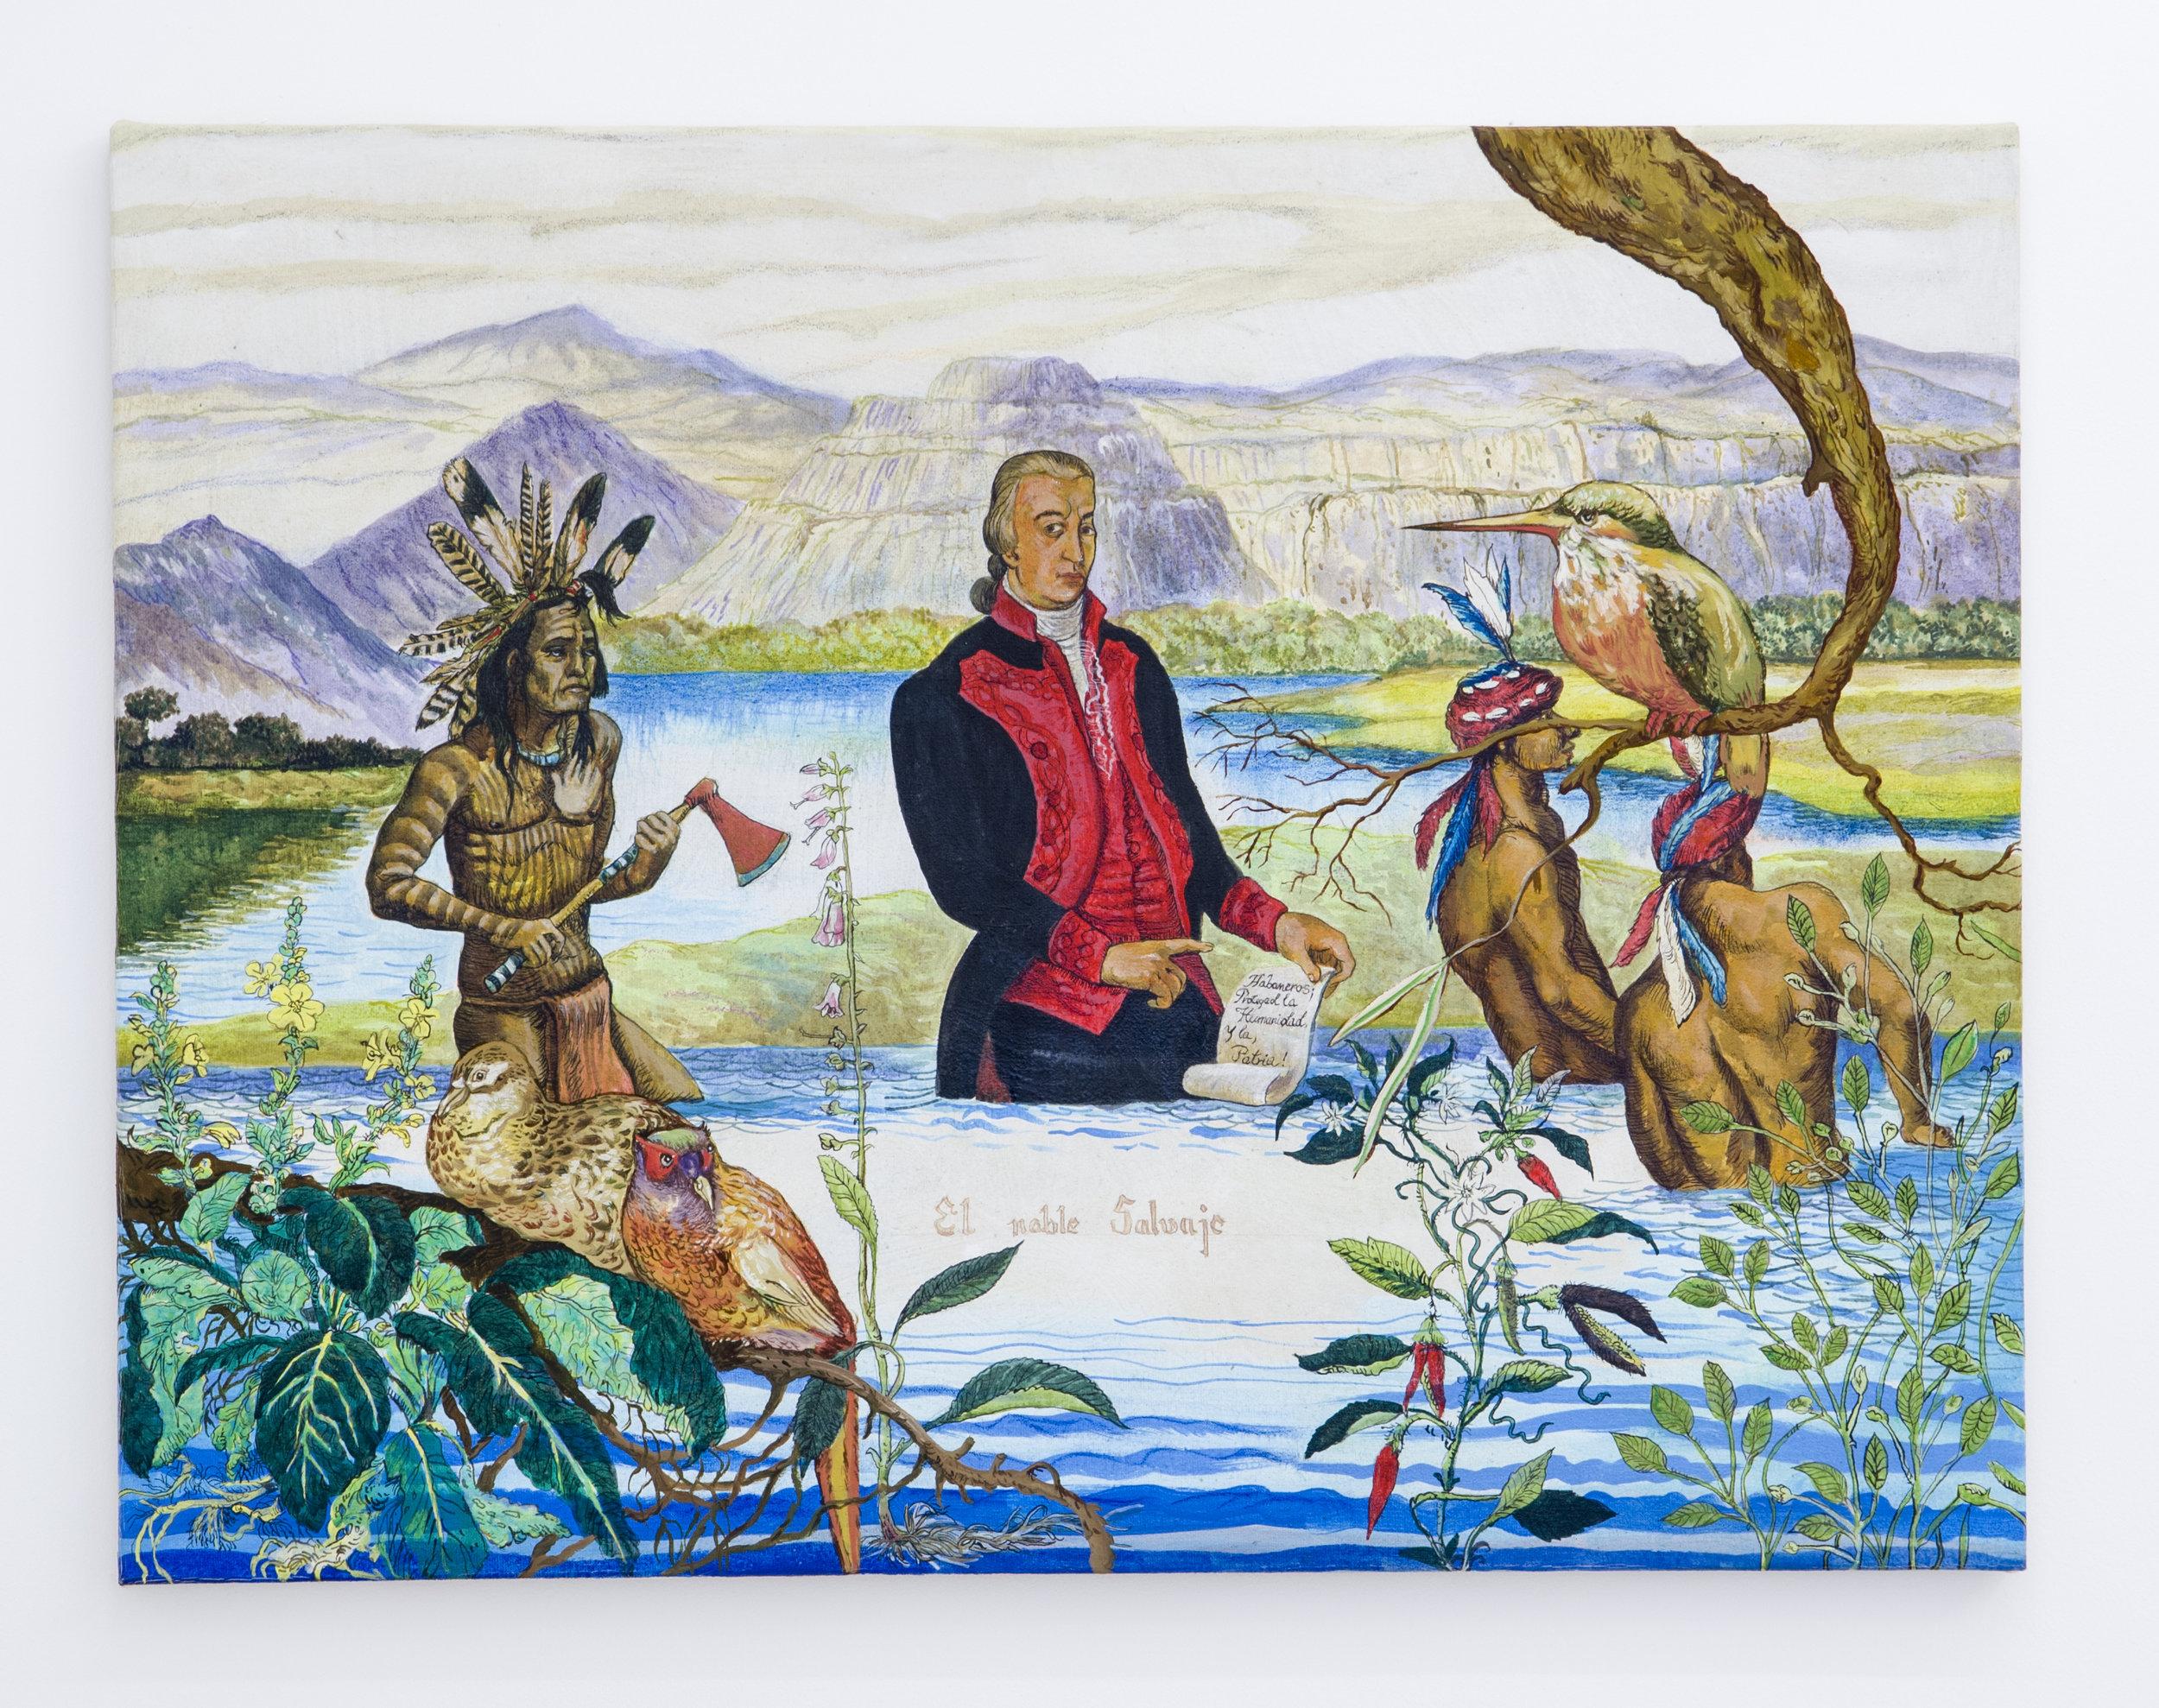 Douglas Pérez Castro, El Noble Salvaje ,2014,Oil on canvas,60 x 70 cm